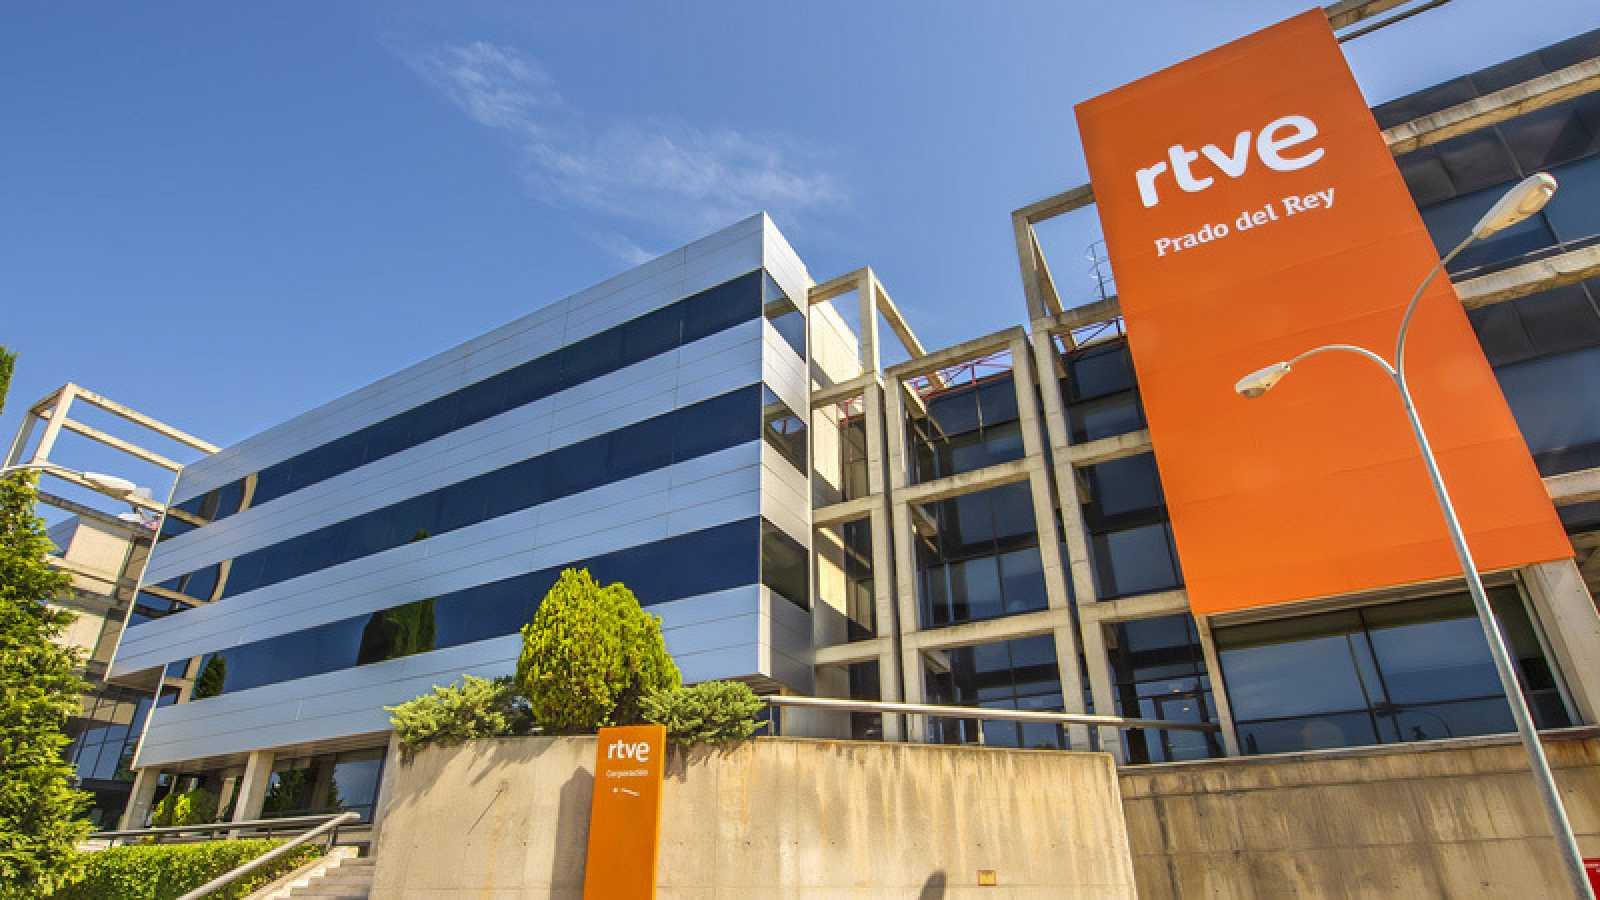 Edificio de RTVE en Prado del Rey, Madrid